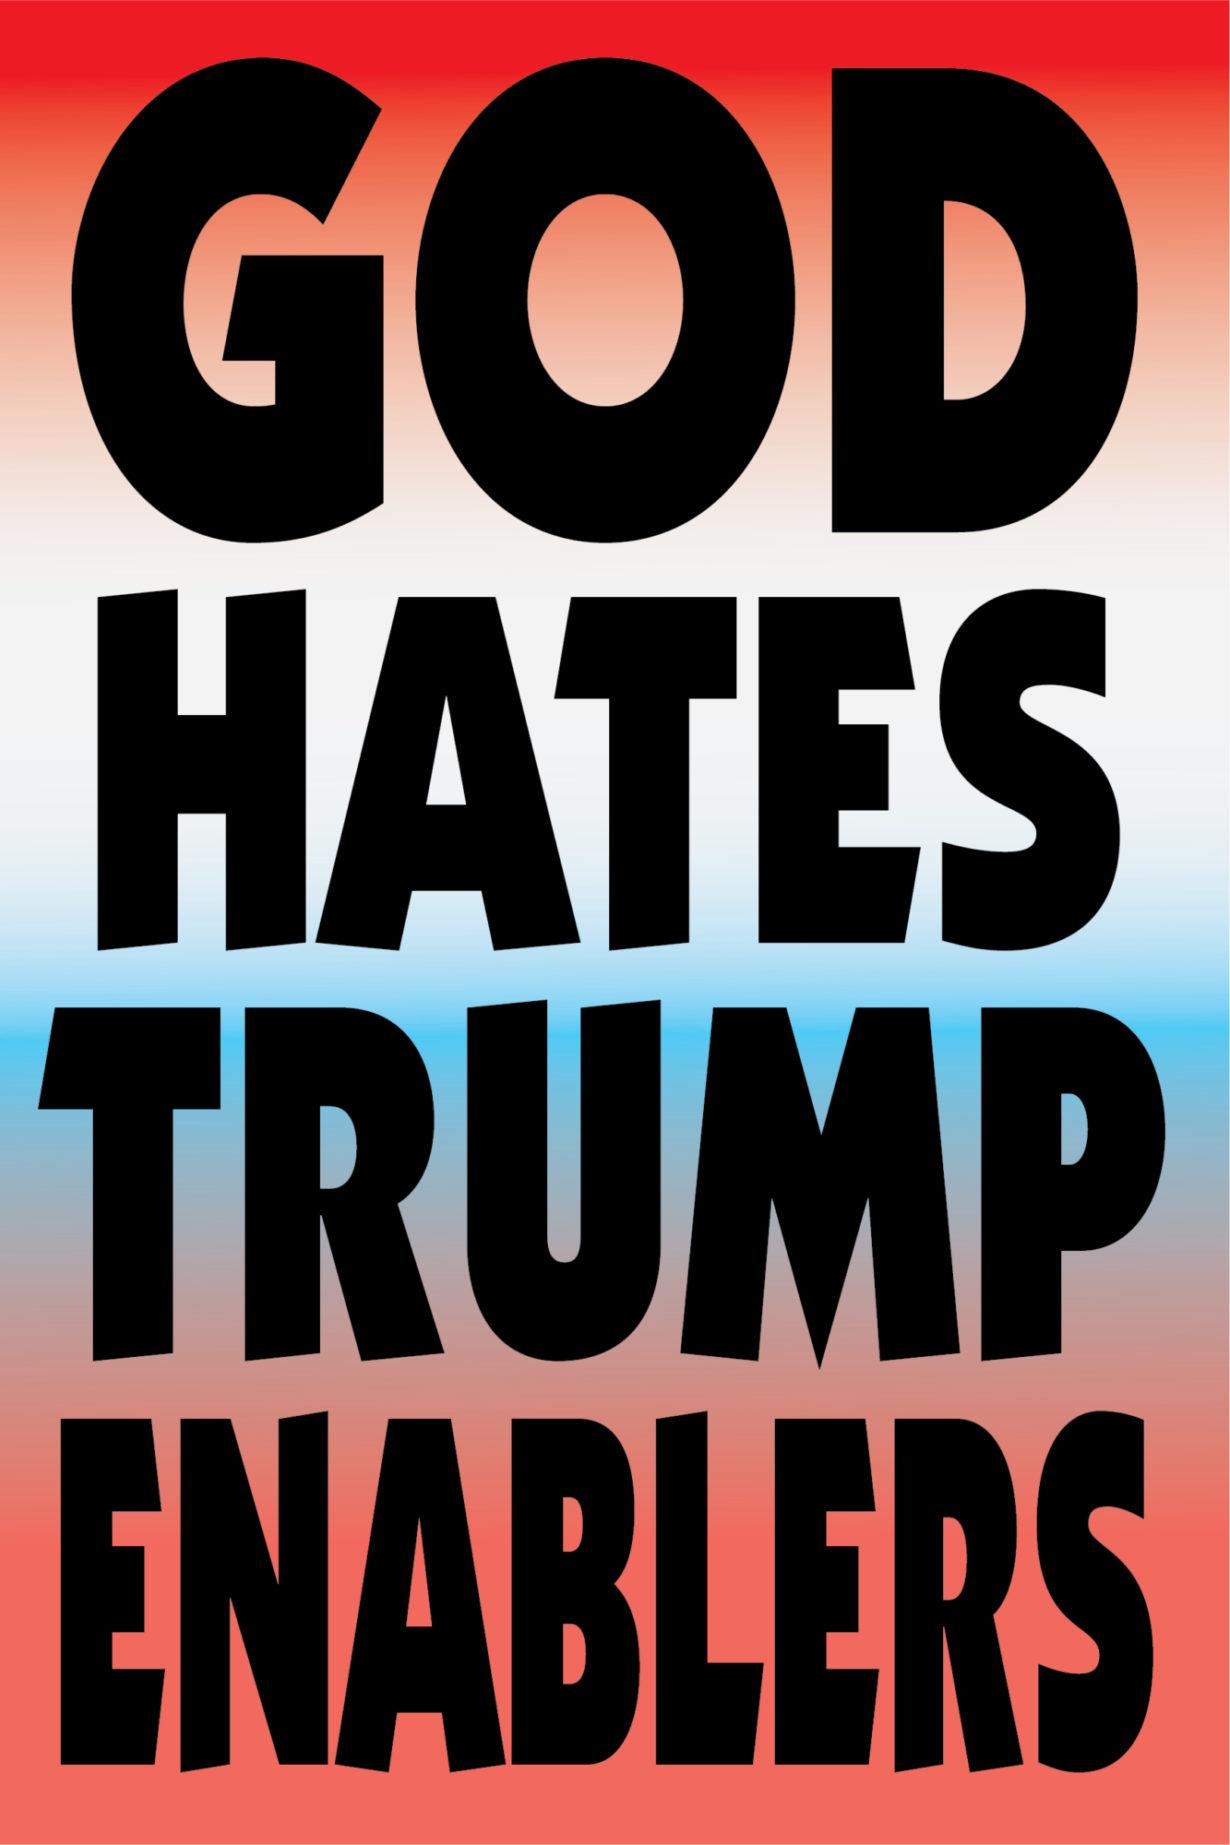 NP_26_50_2017_God-Hates-Trump-Enablers.jpg